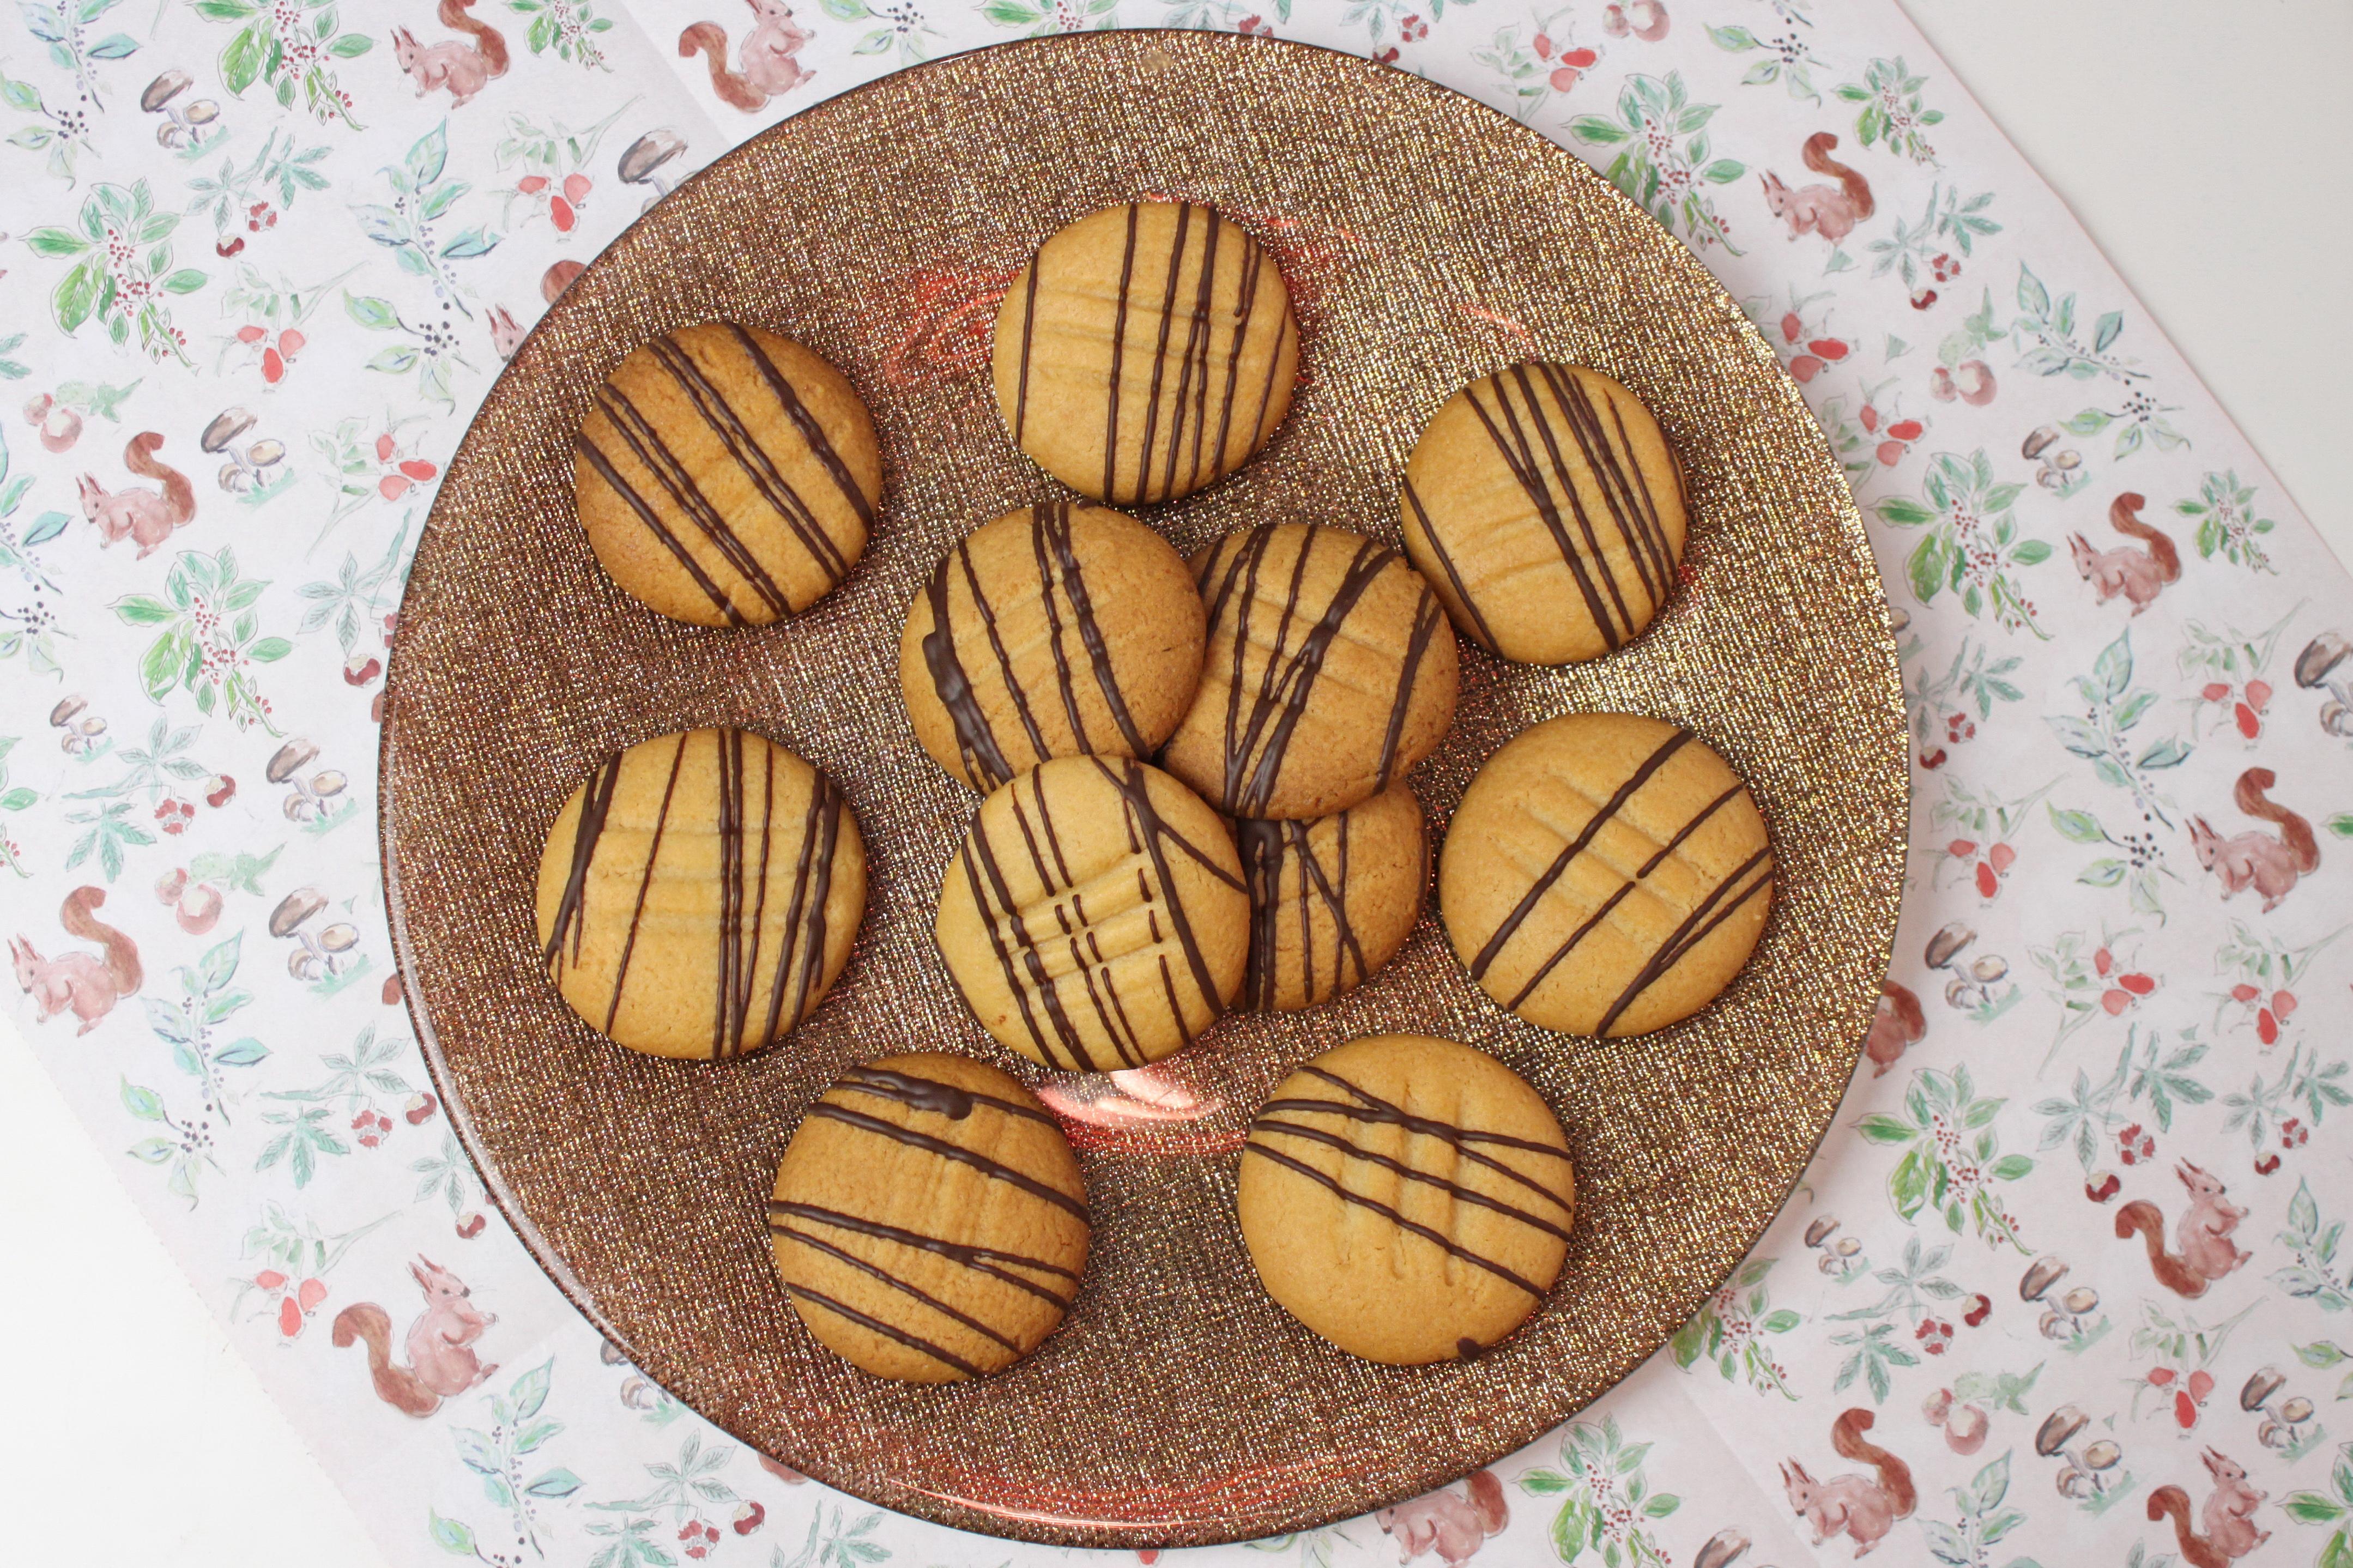 Gebäck Rezepte, Gebäck selber machen, kekse backen, Cookie Rezepte, Backrezepte, backen